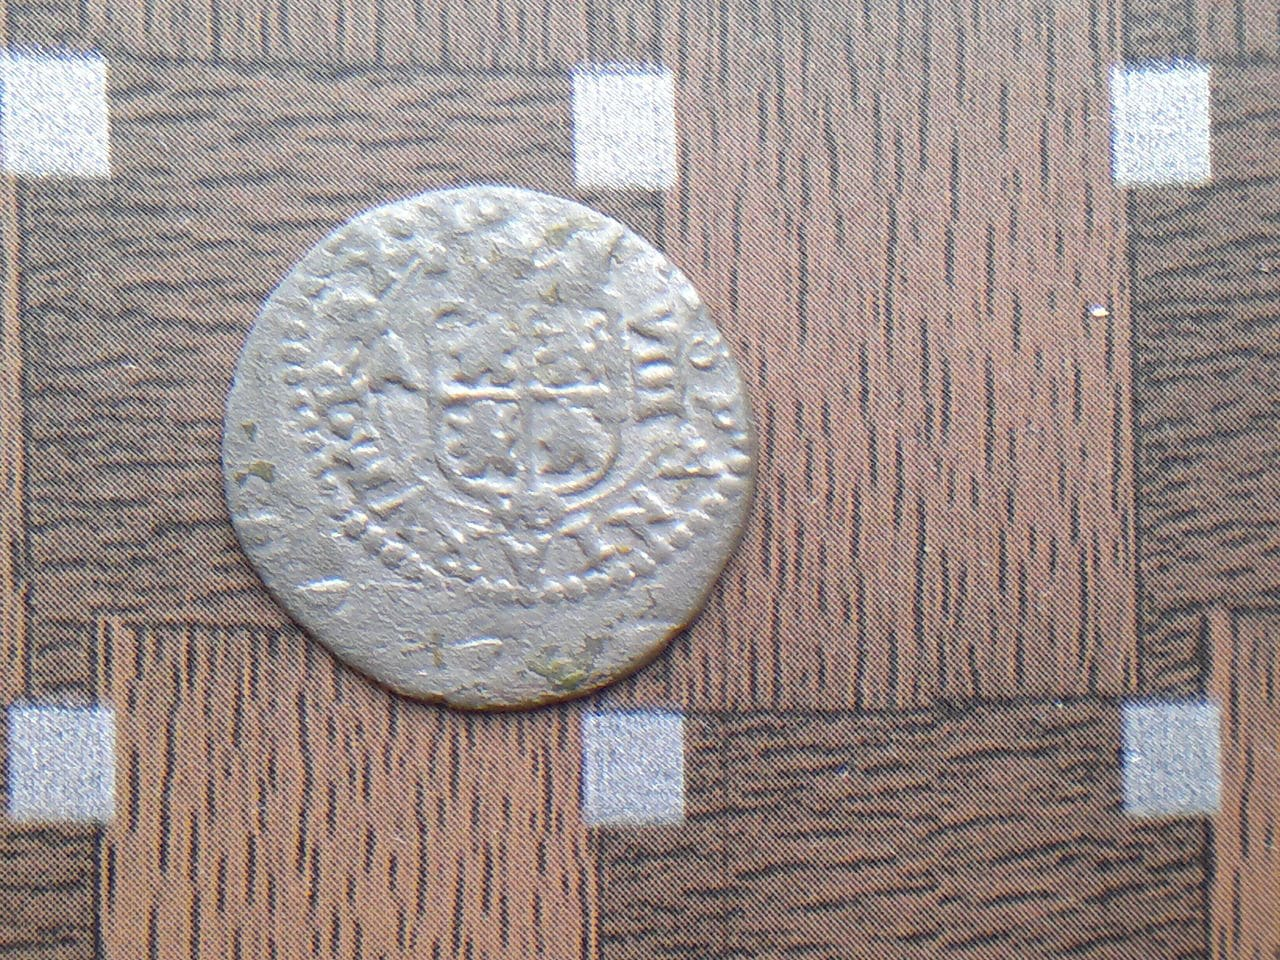 VIII maravedis felipe IV 1661. Madrid. 2014_01_05_2494